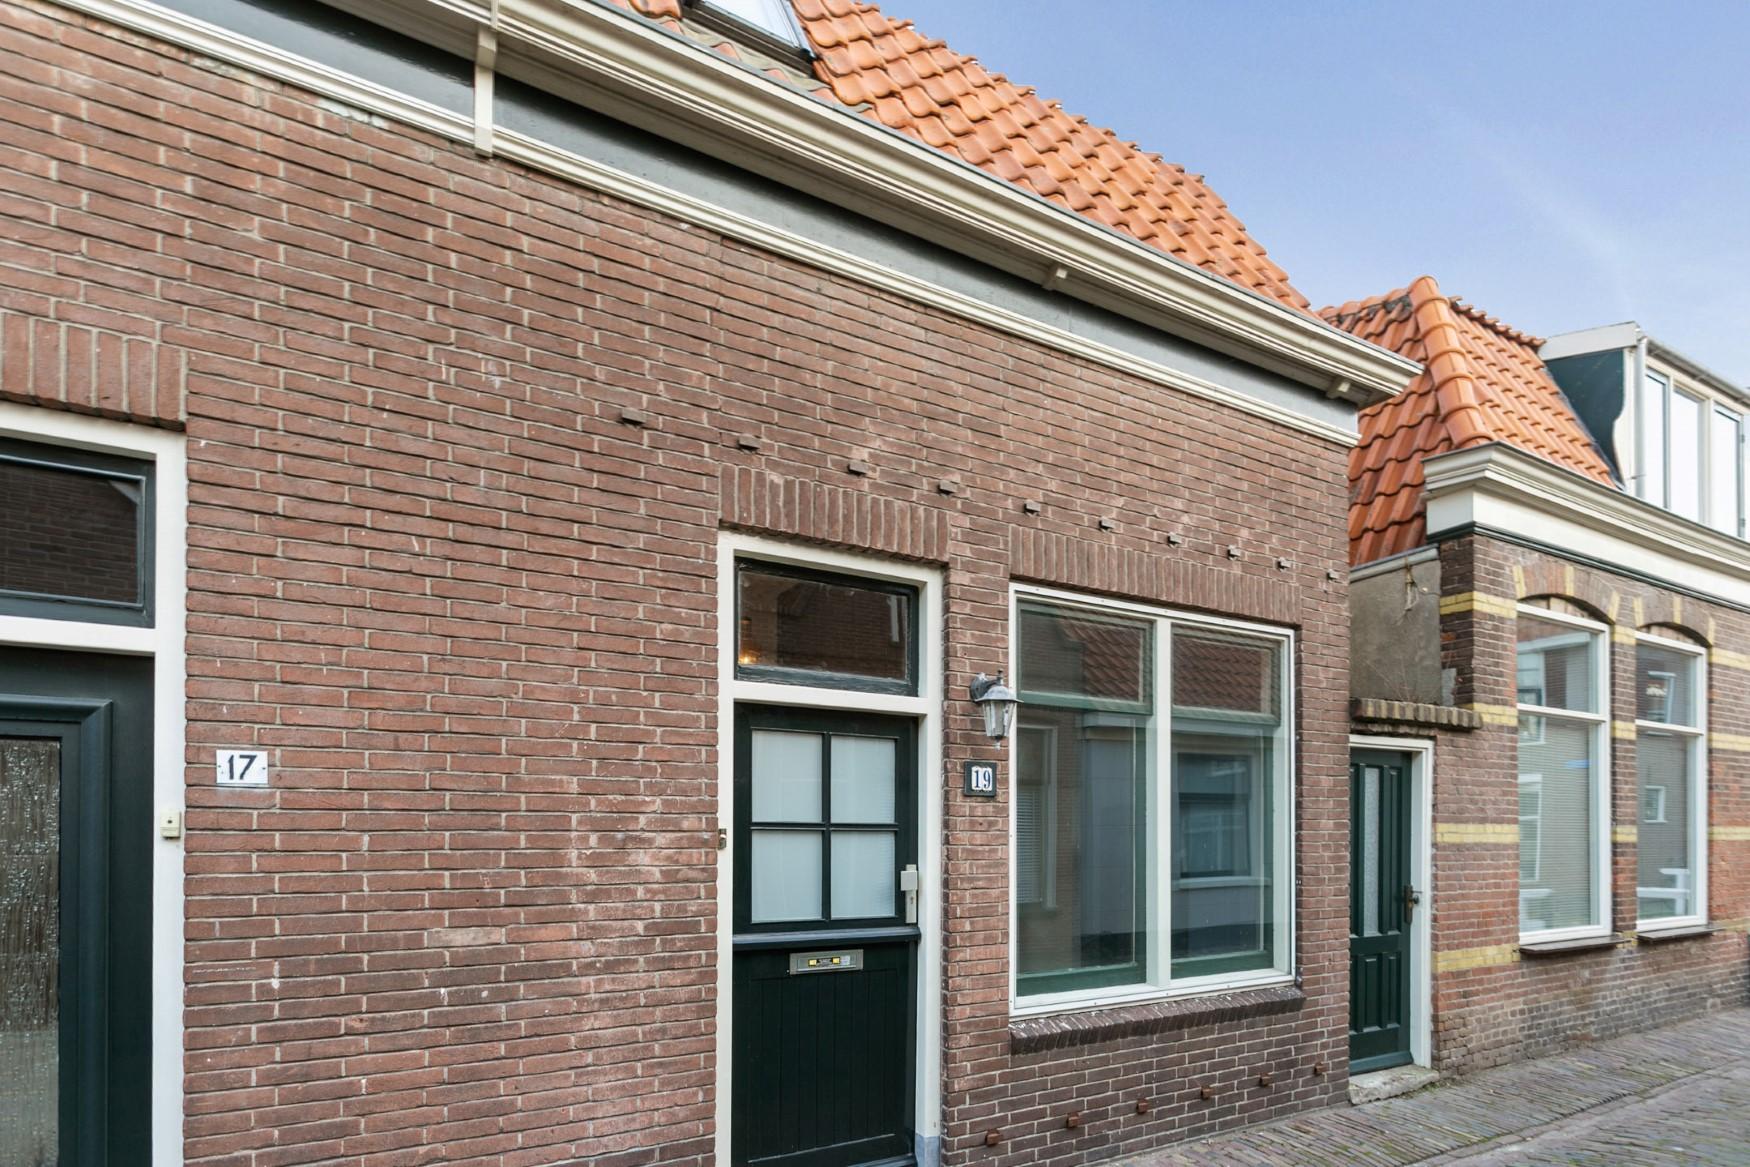 acdb6738e46 VERKOCHT: Peperstraat 19, Hoorn - Westfries Goed Makelaars & Adviseurs